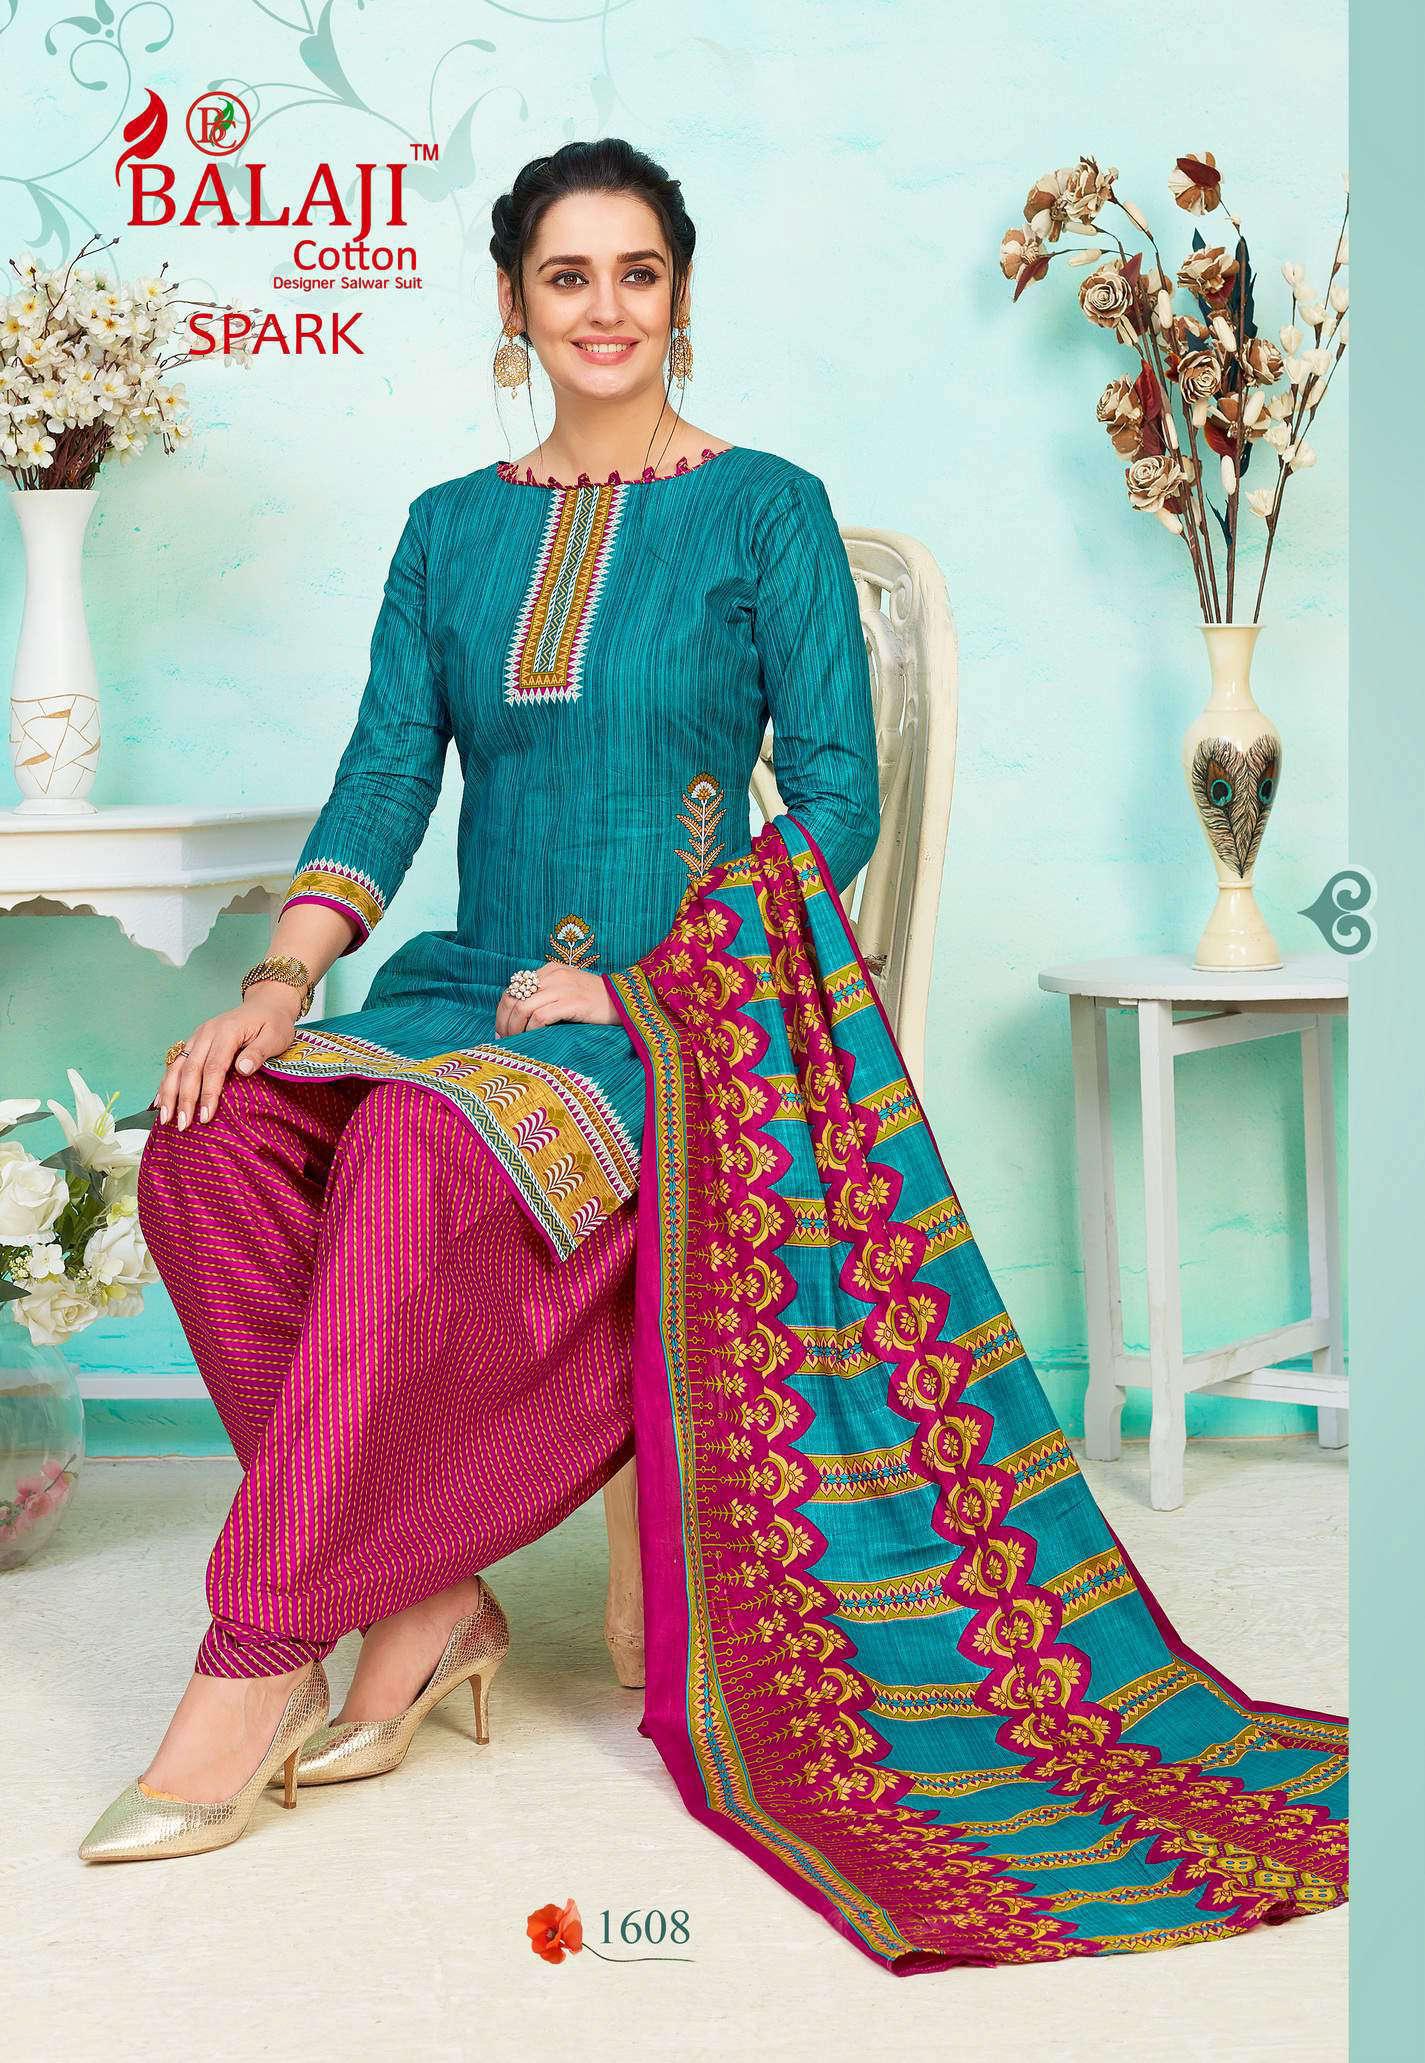 Balaji Cotton Spark Vol 16 Salwar Suit Wholesale Catalog 16 Pcs 8 - Balaji Cotton Spark Vol 16 Salwar Suit Wholesale Catalog 16 Pcs